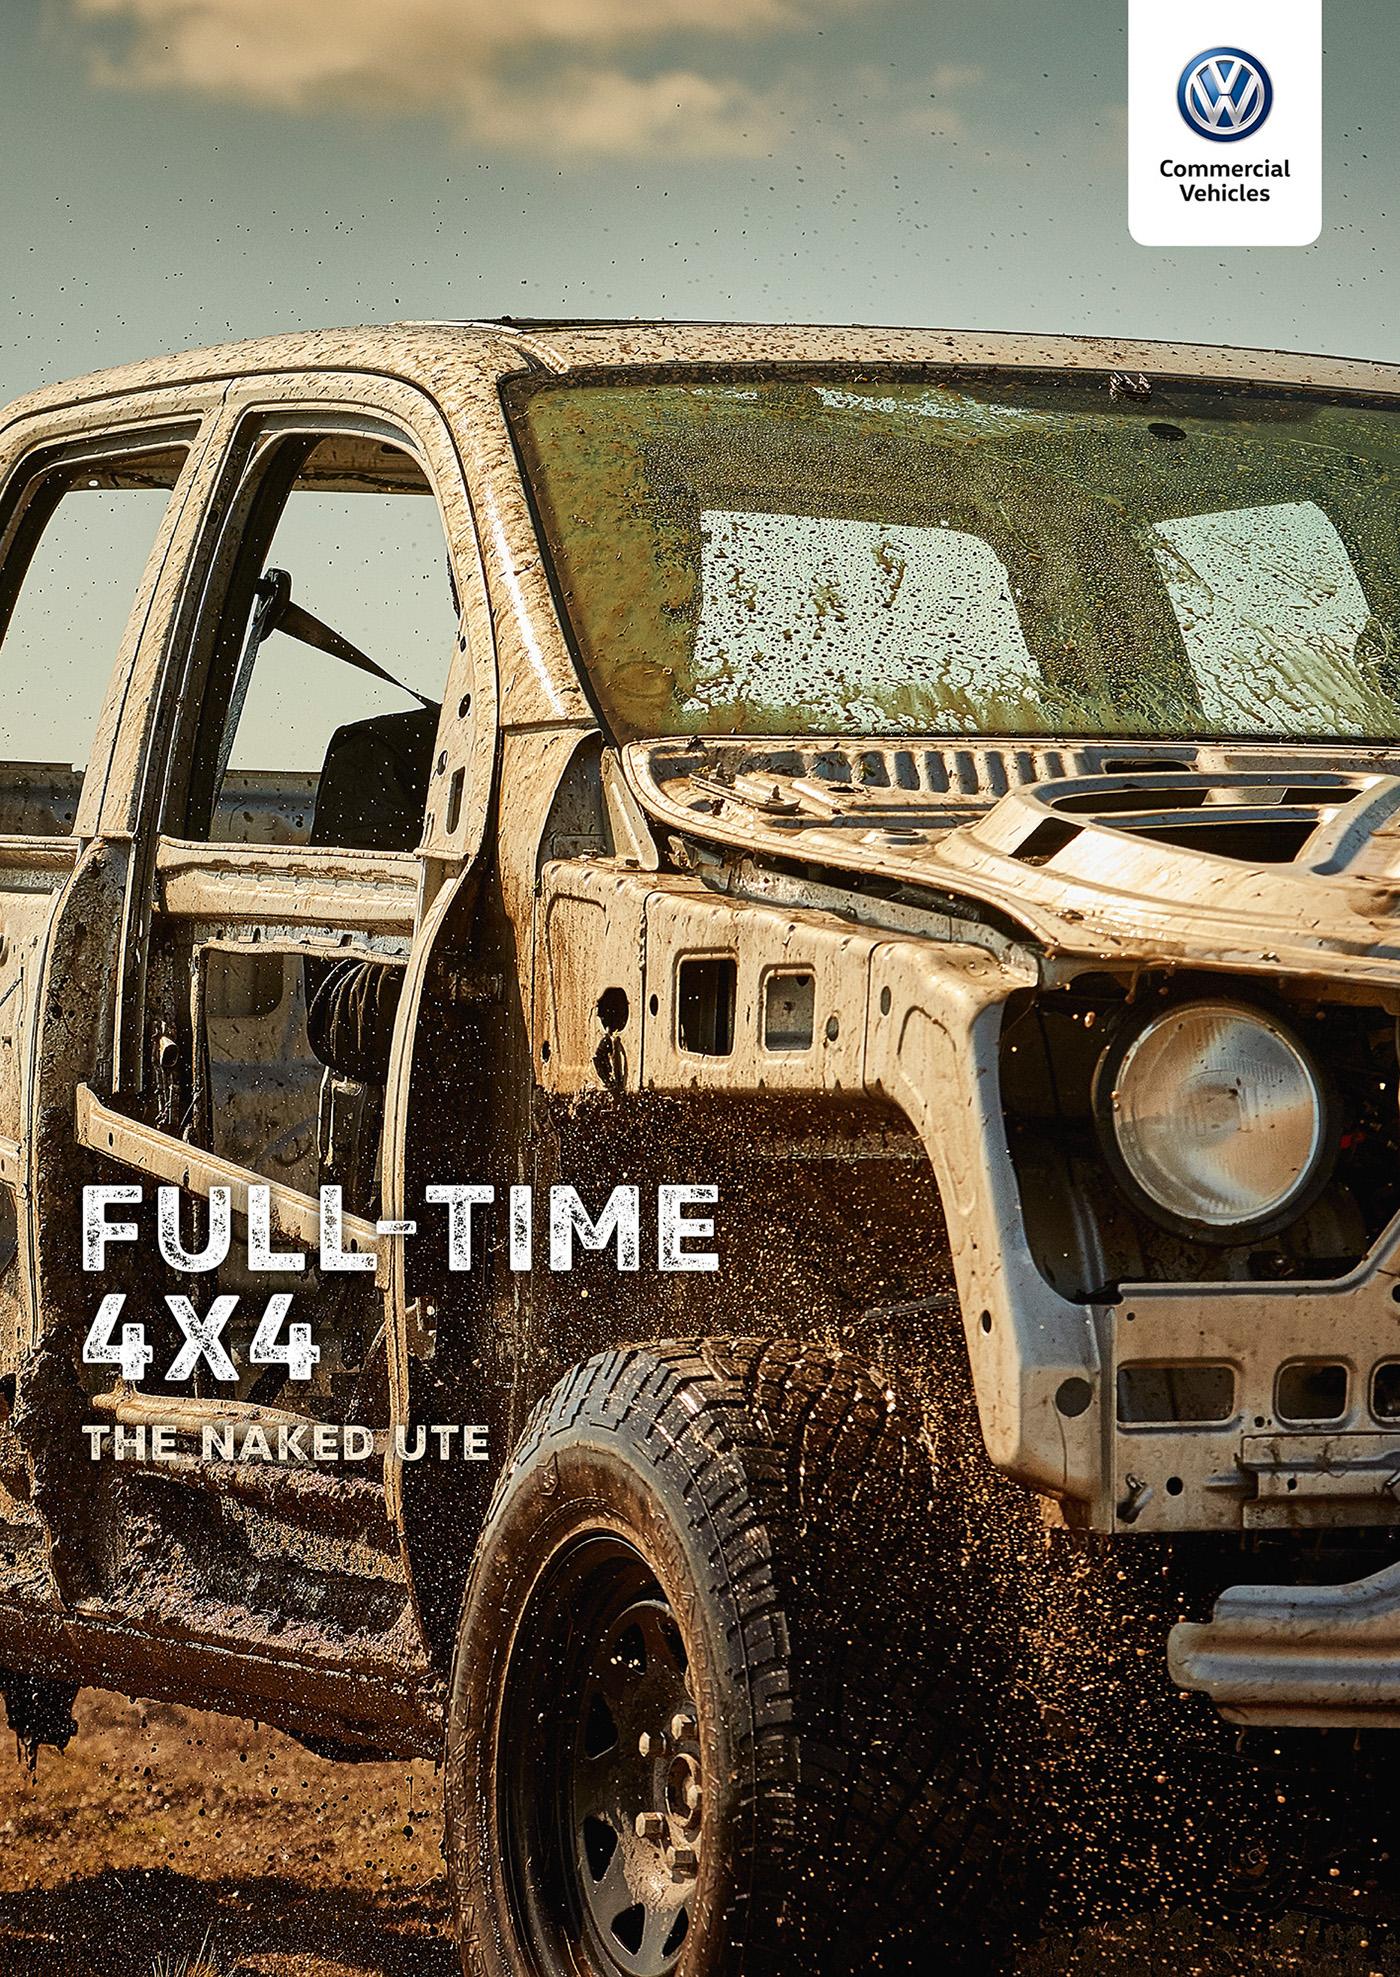 VW Amarok The Naked UTE on Behance